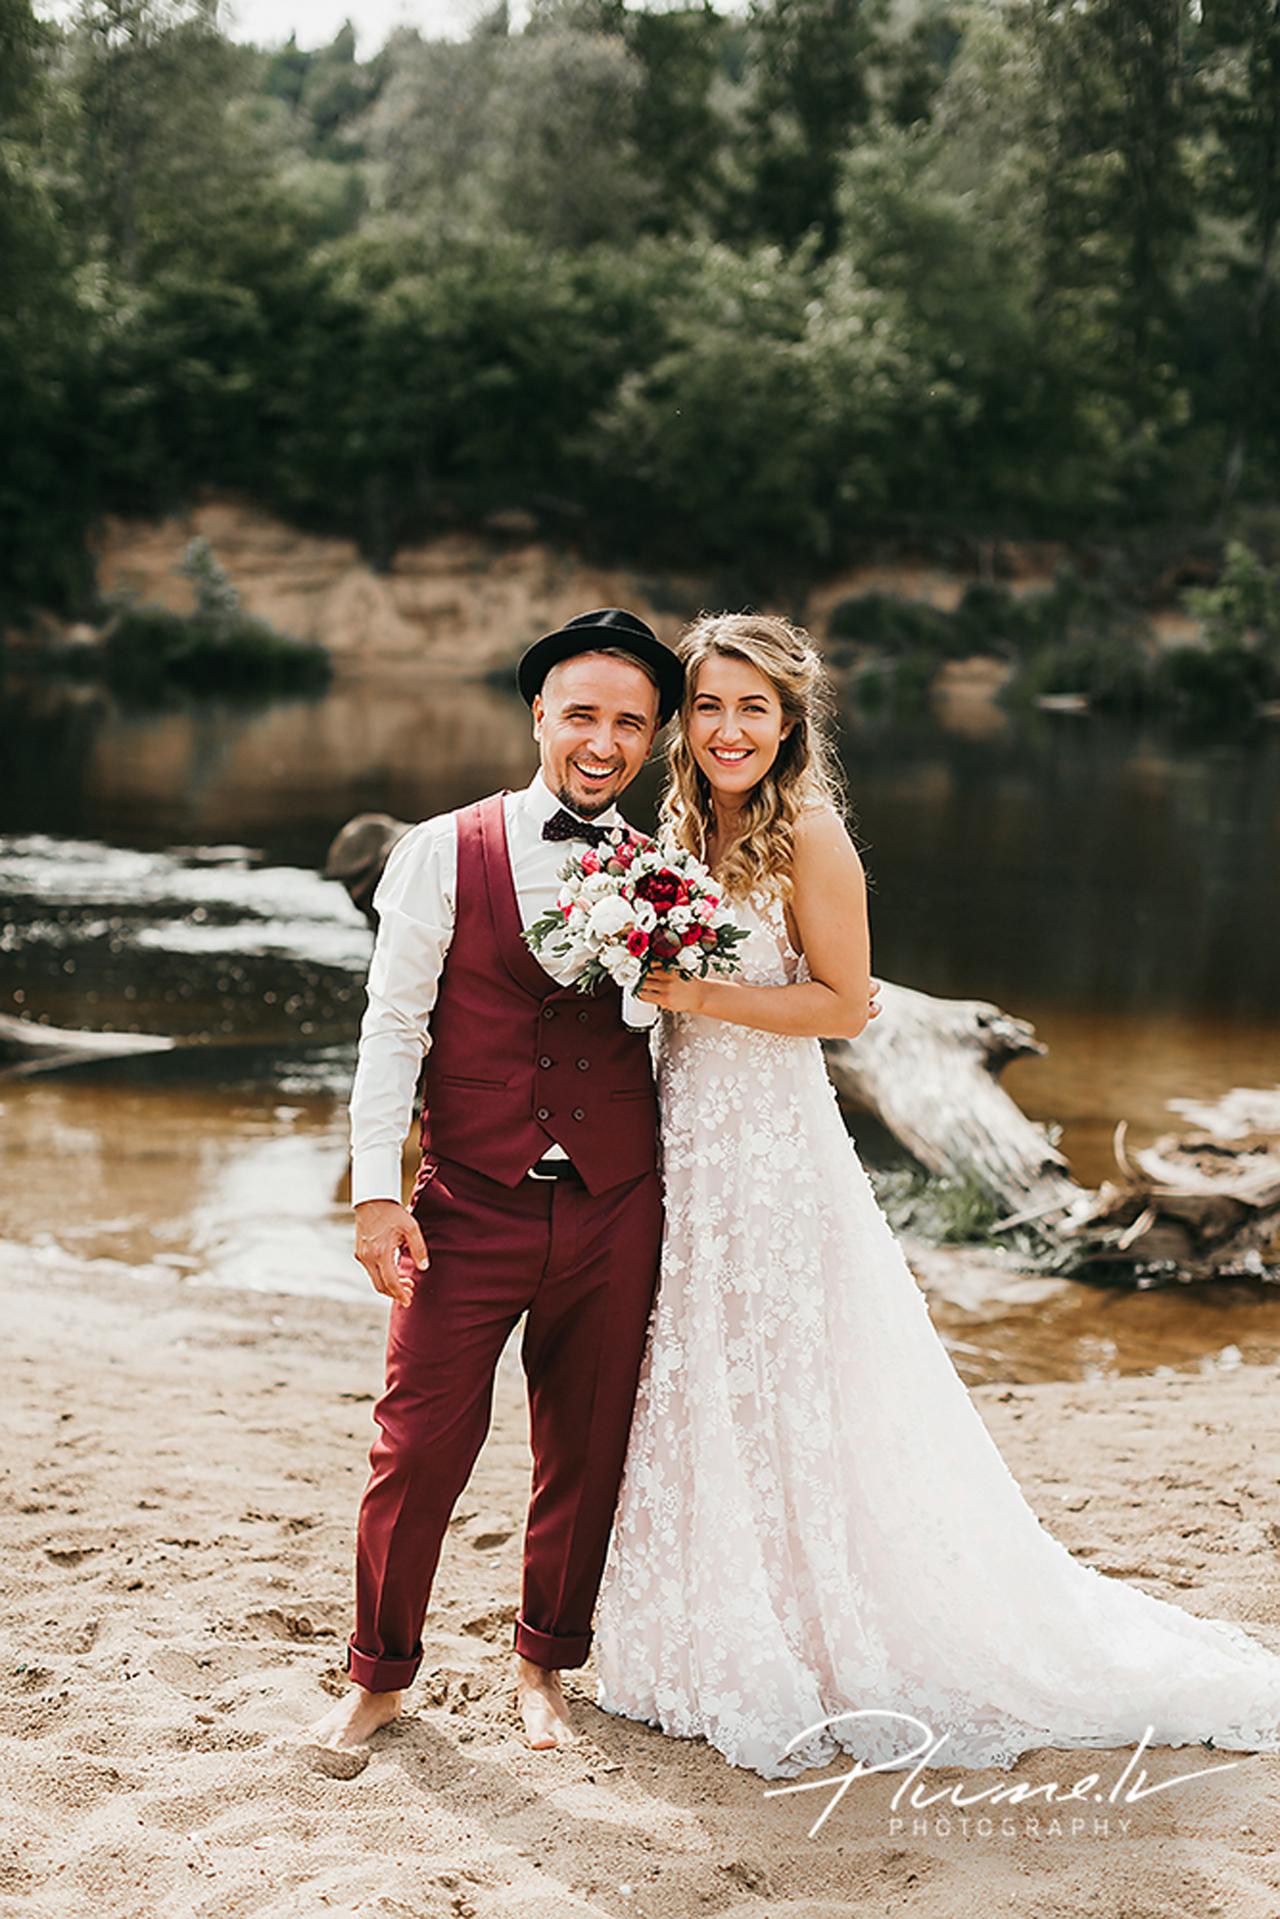 Jaunais pāris vēlējās, lai viņu kāzu ceremonija noritētu gleznainā vietā.